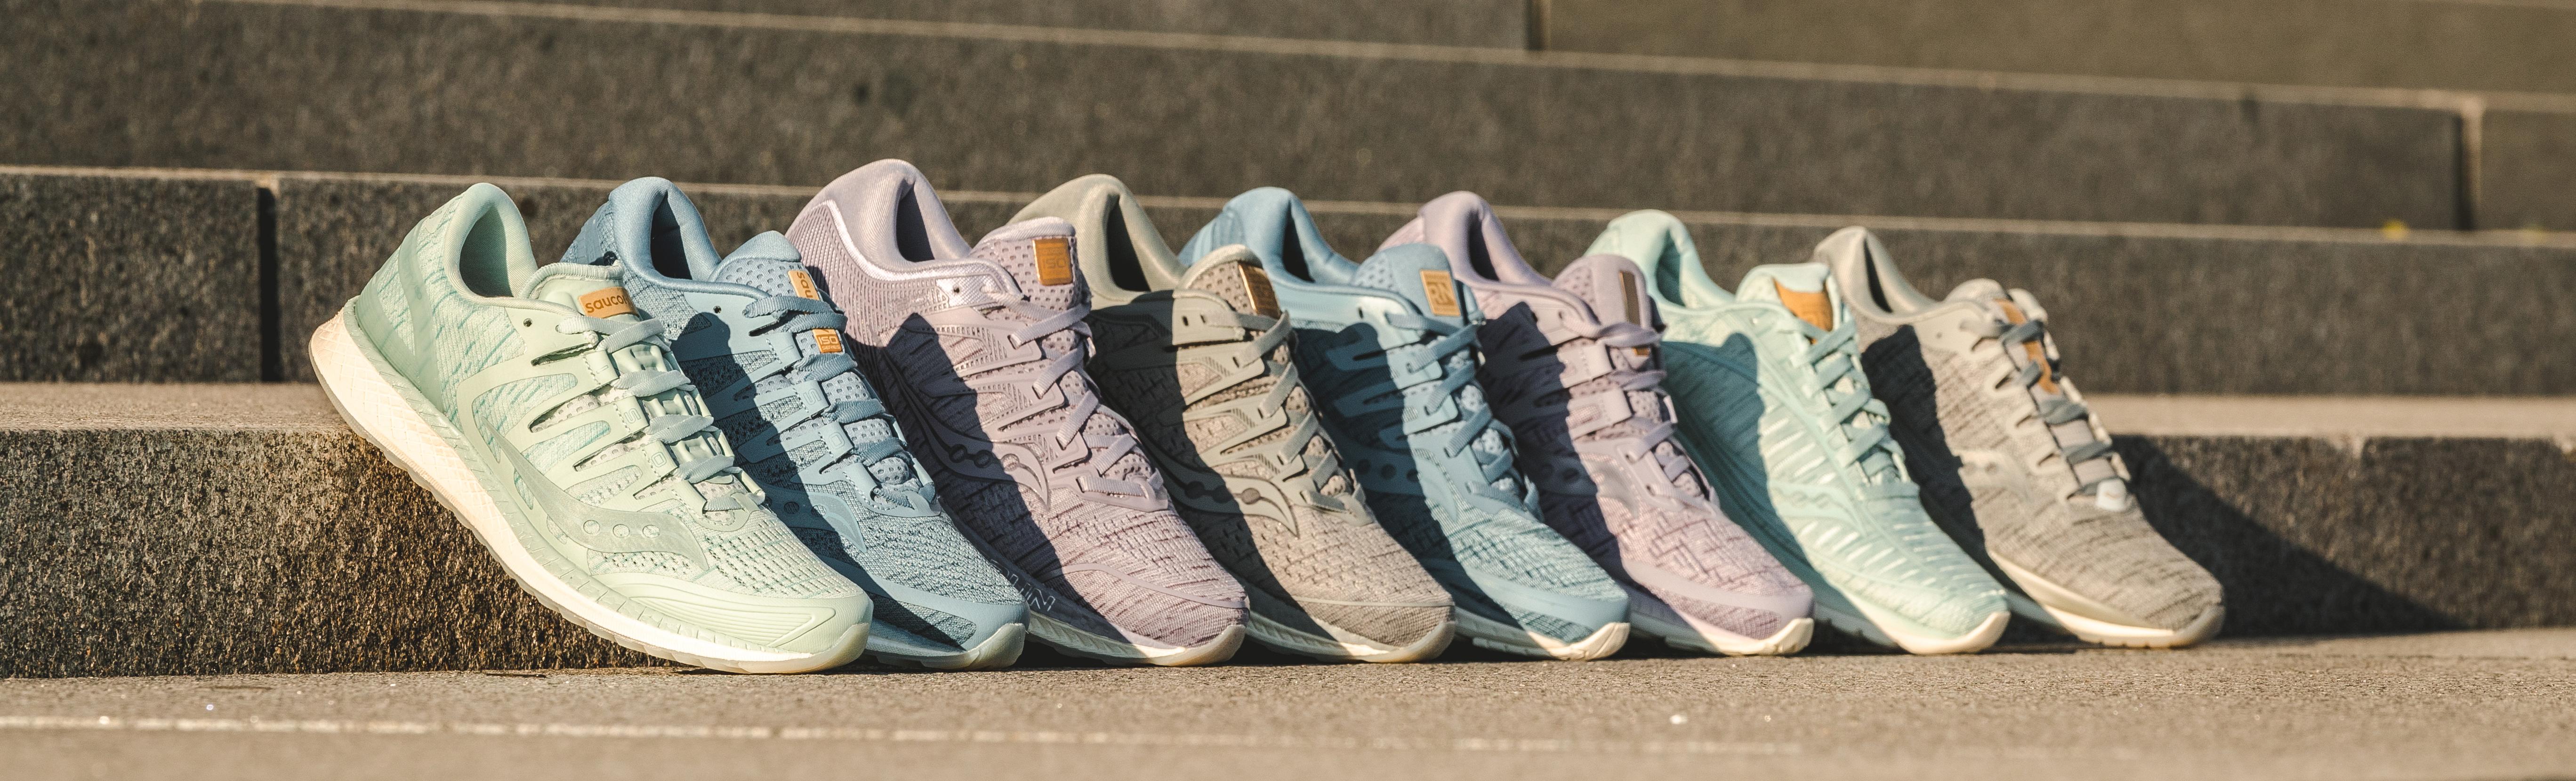 Ta hand om dina sneakers! Sportringen blogg. | Sportringen